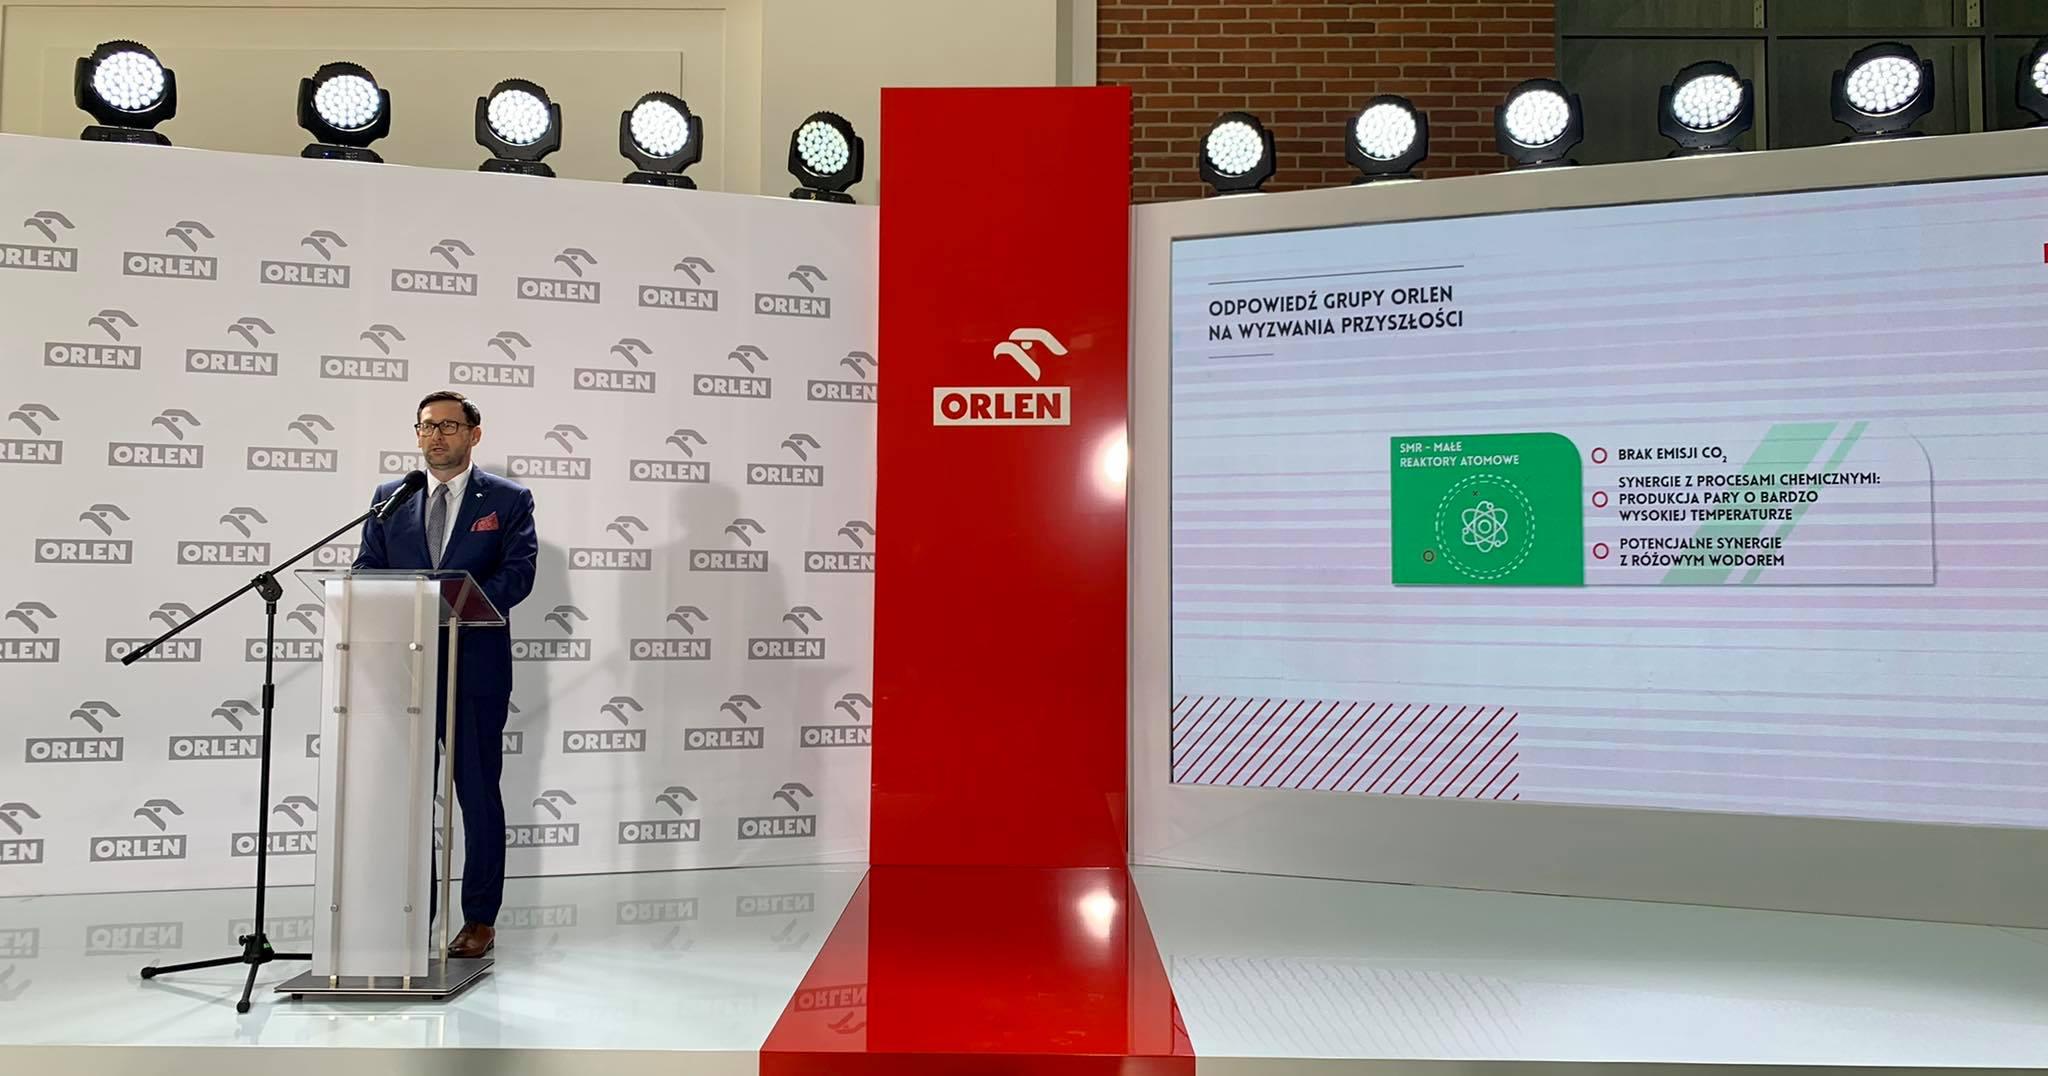 PKN Orlen podpisał porozumienie. Będzie rozwijać zeroemisyjne technologie jądrowe - Zdjęcie główne